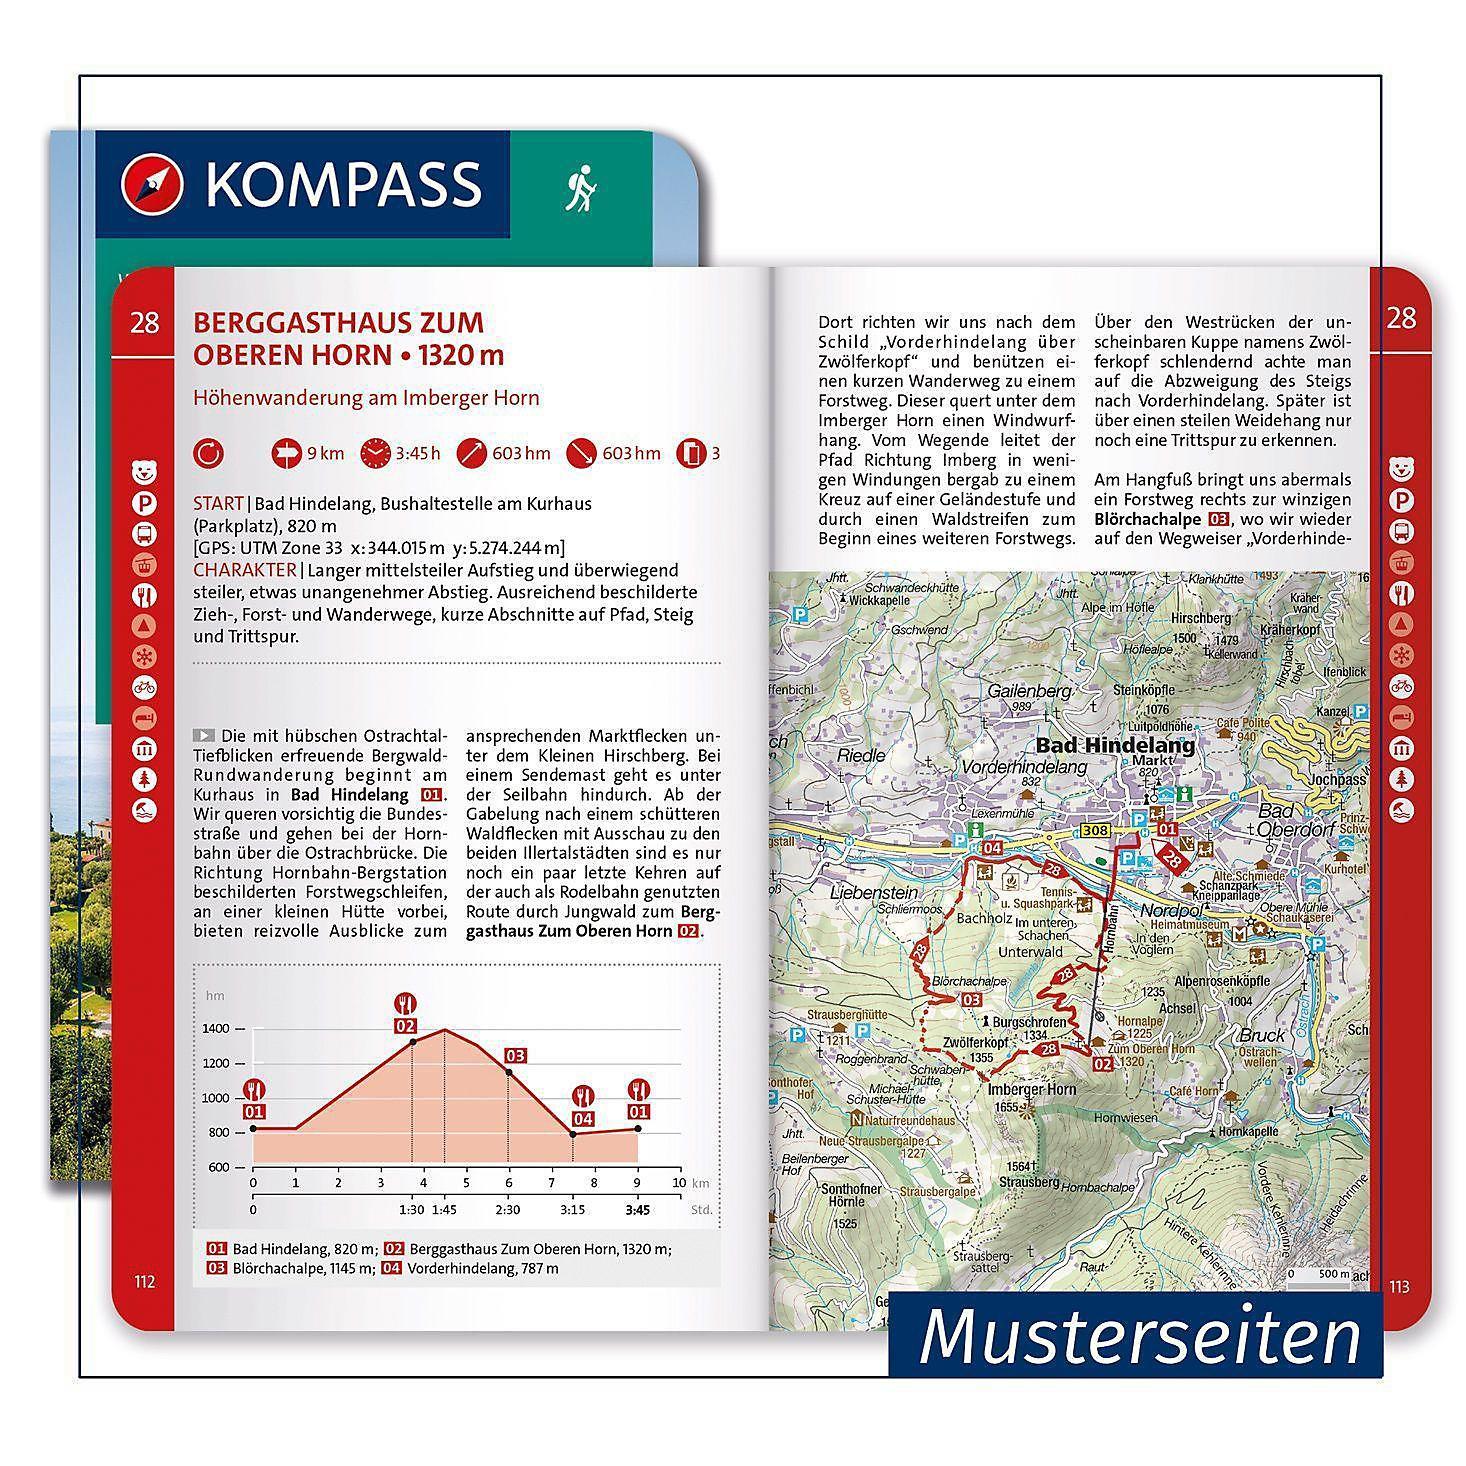 Chiemsee Karte Pdf.Kompass Wanderführer Chiemsee Zwischen Rupertiwinkel Simssee Und